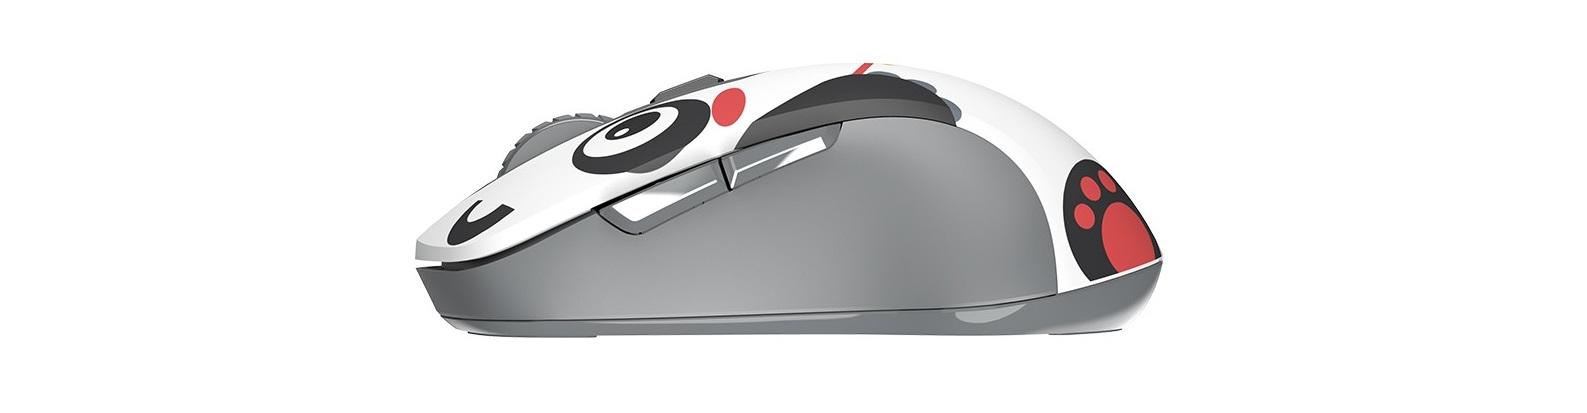 Mouse Dareu LM115G Multi Color Wireless Black Panda có kết nối wireless 2.4Ghz vô cùng tiện lợi